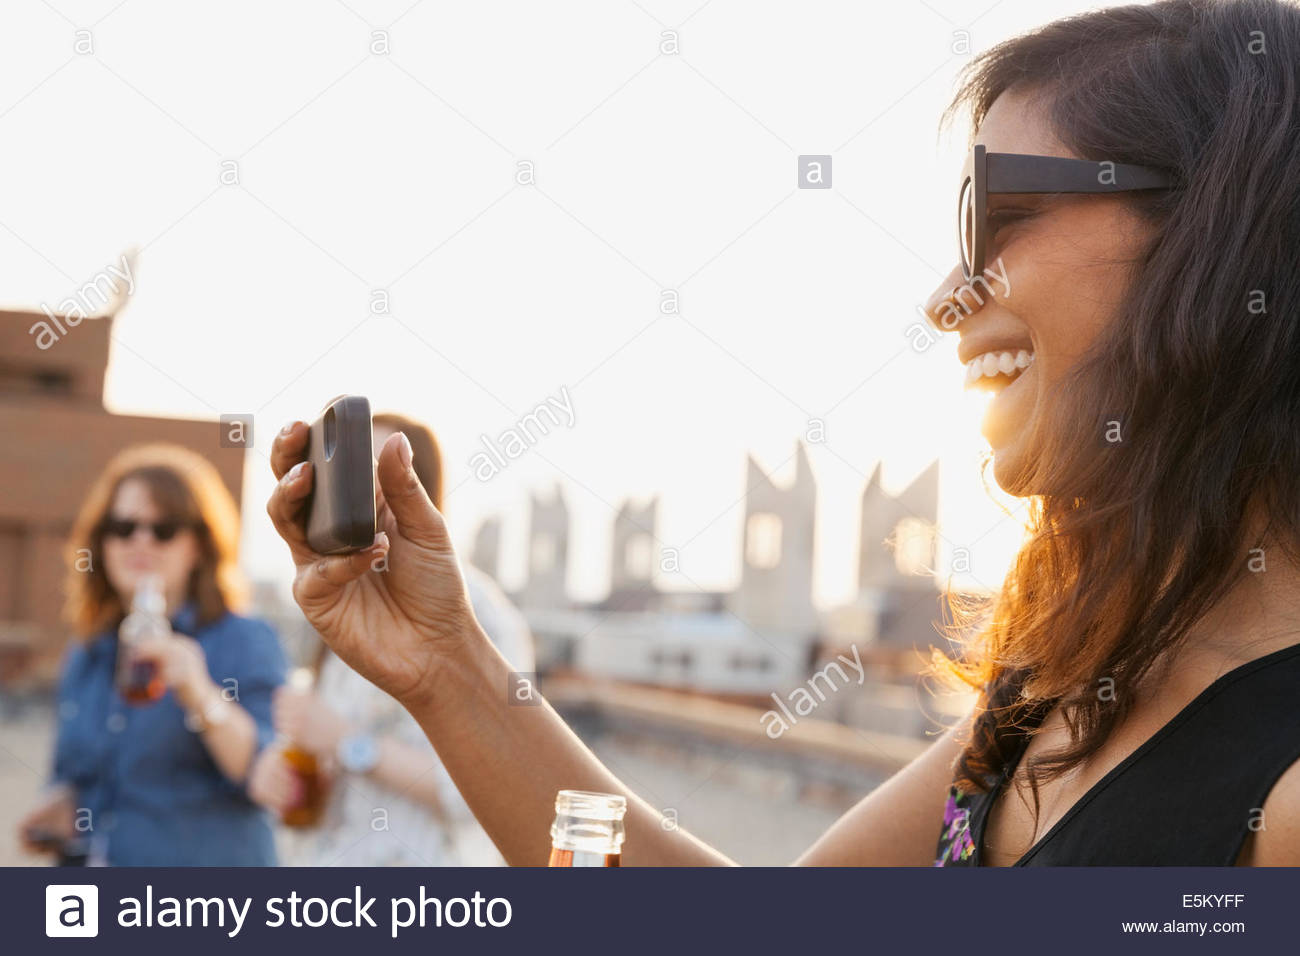 Mujer sonriente tomando fotos a parte de la azotea urbana Imagen De Stock